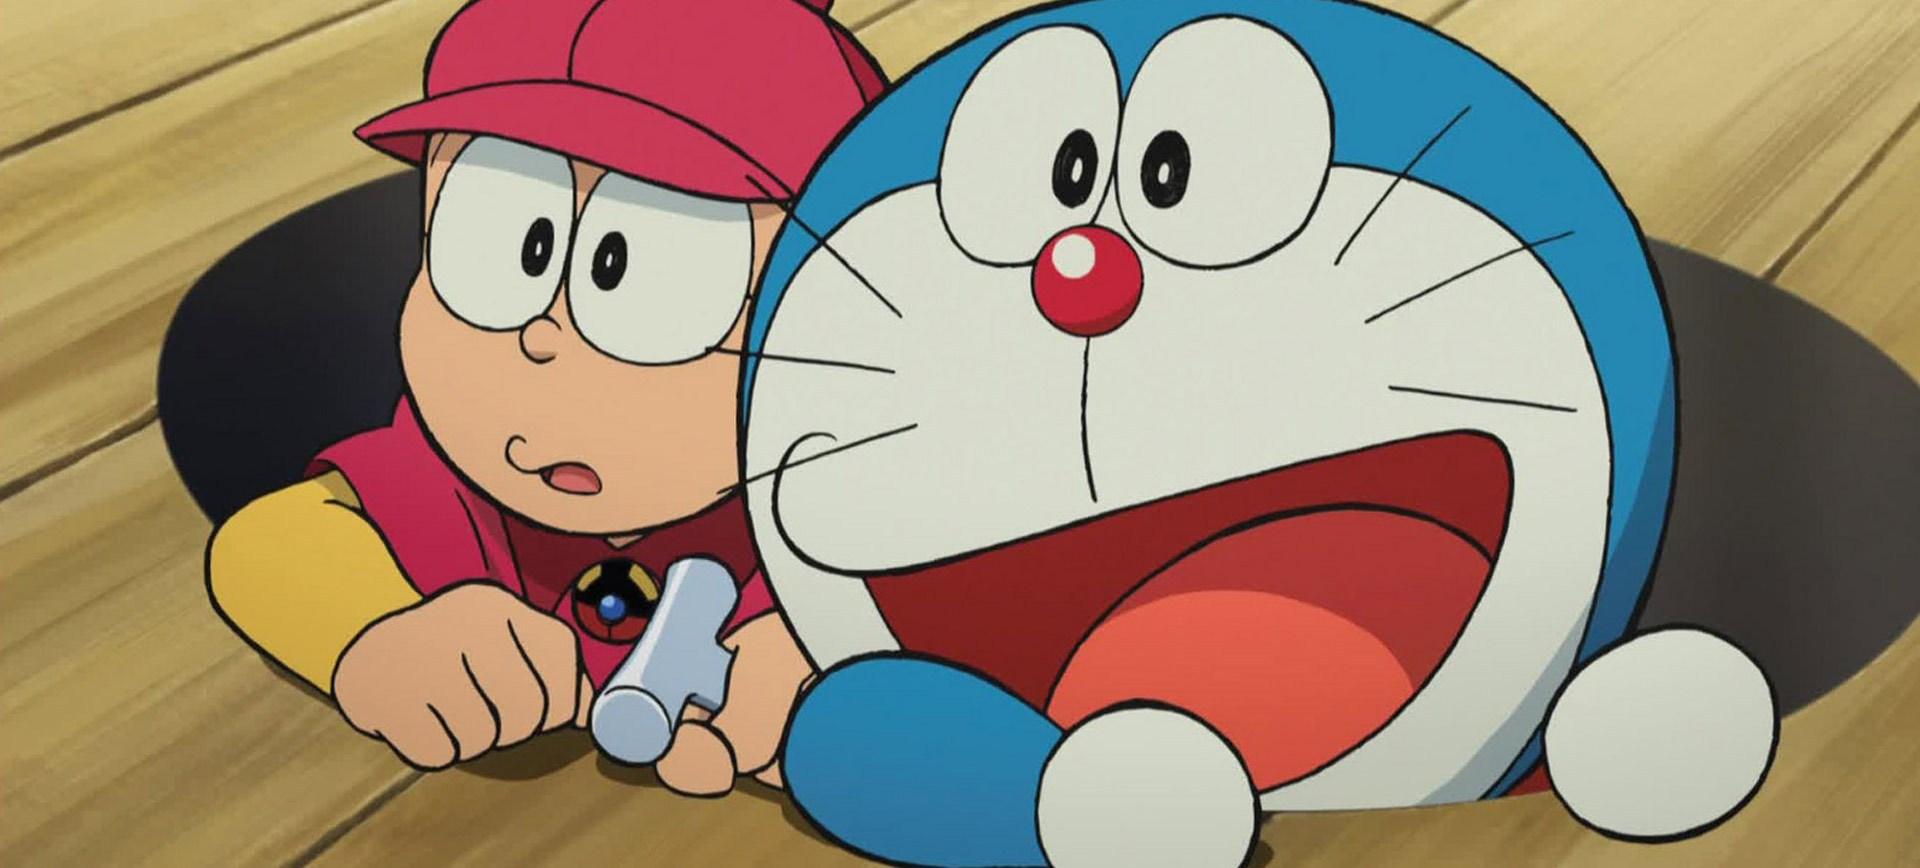 Un niño y un gatos salen de un hueco en el piso